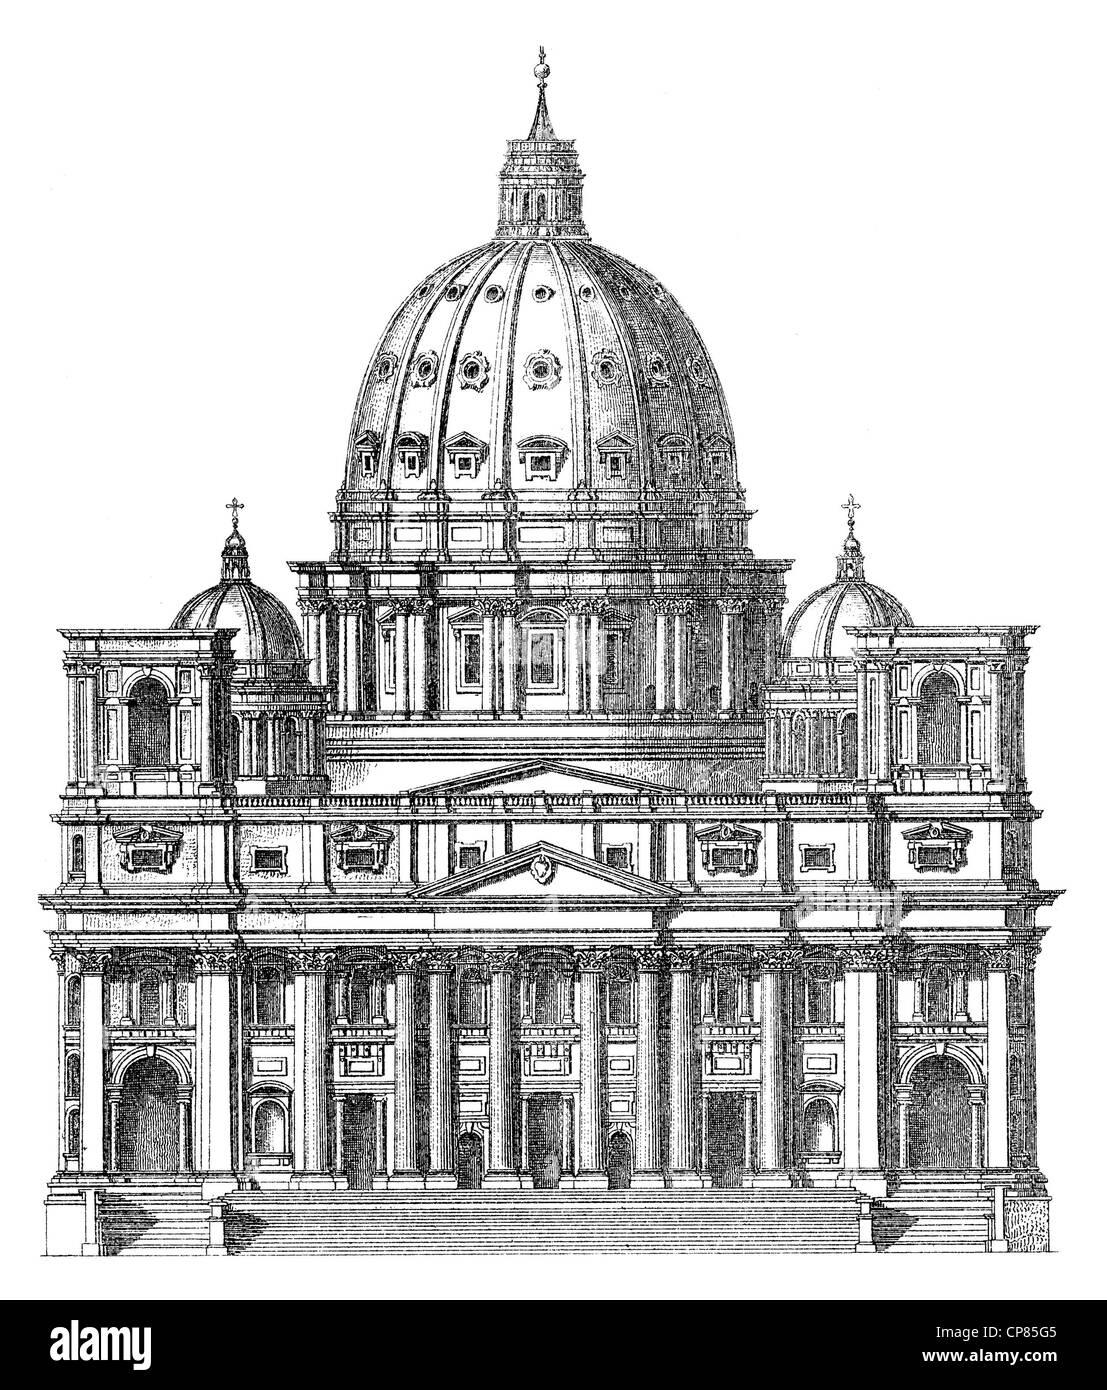 Historische, zeichnerische Darstellung, die Peterskirche in Rom, Vatikan, Italien, oder Petersdom, Basilika St. - Stock Image